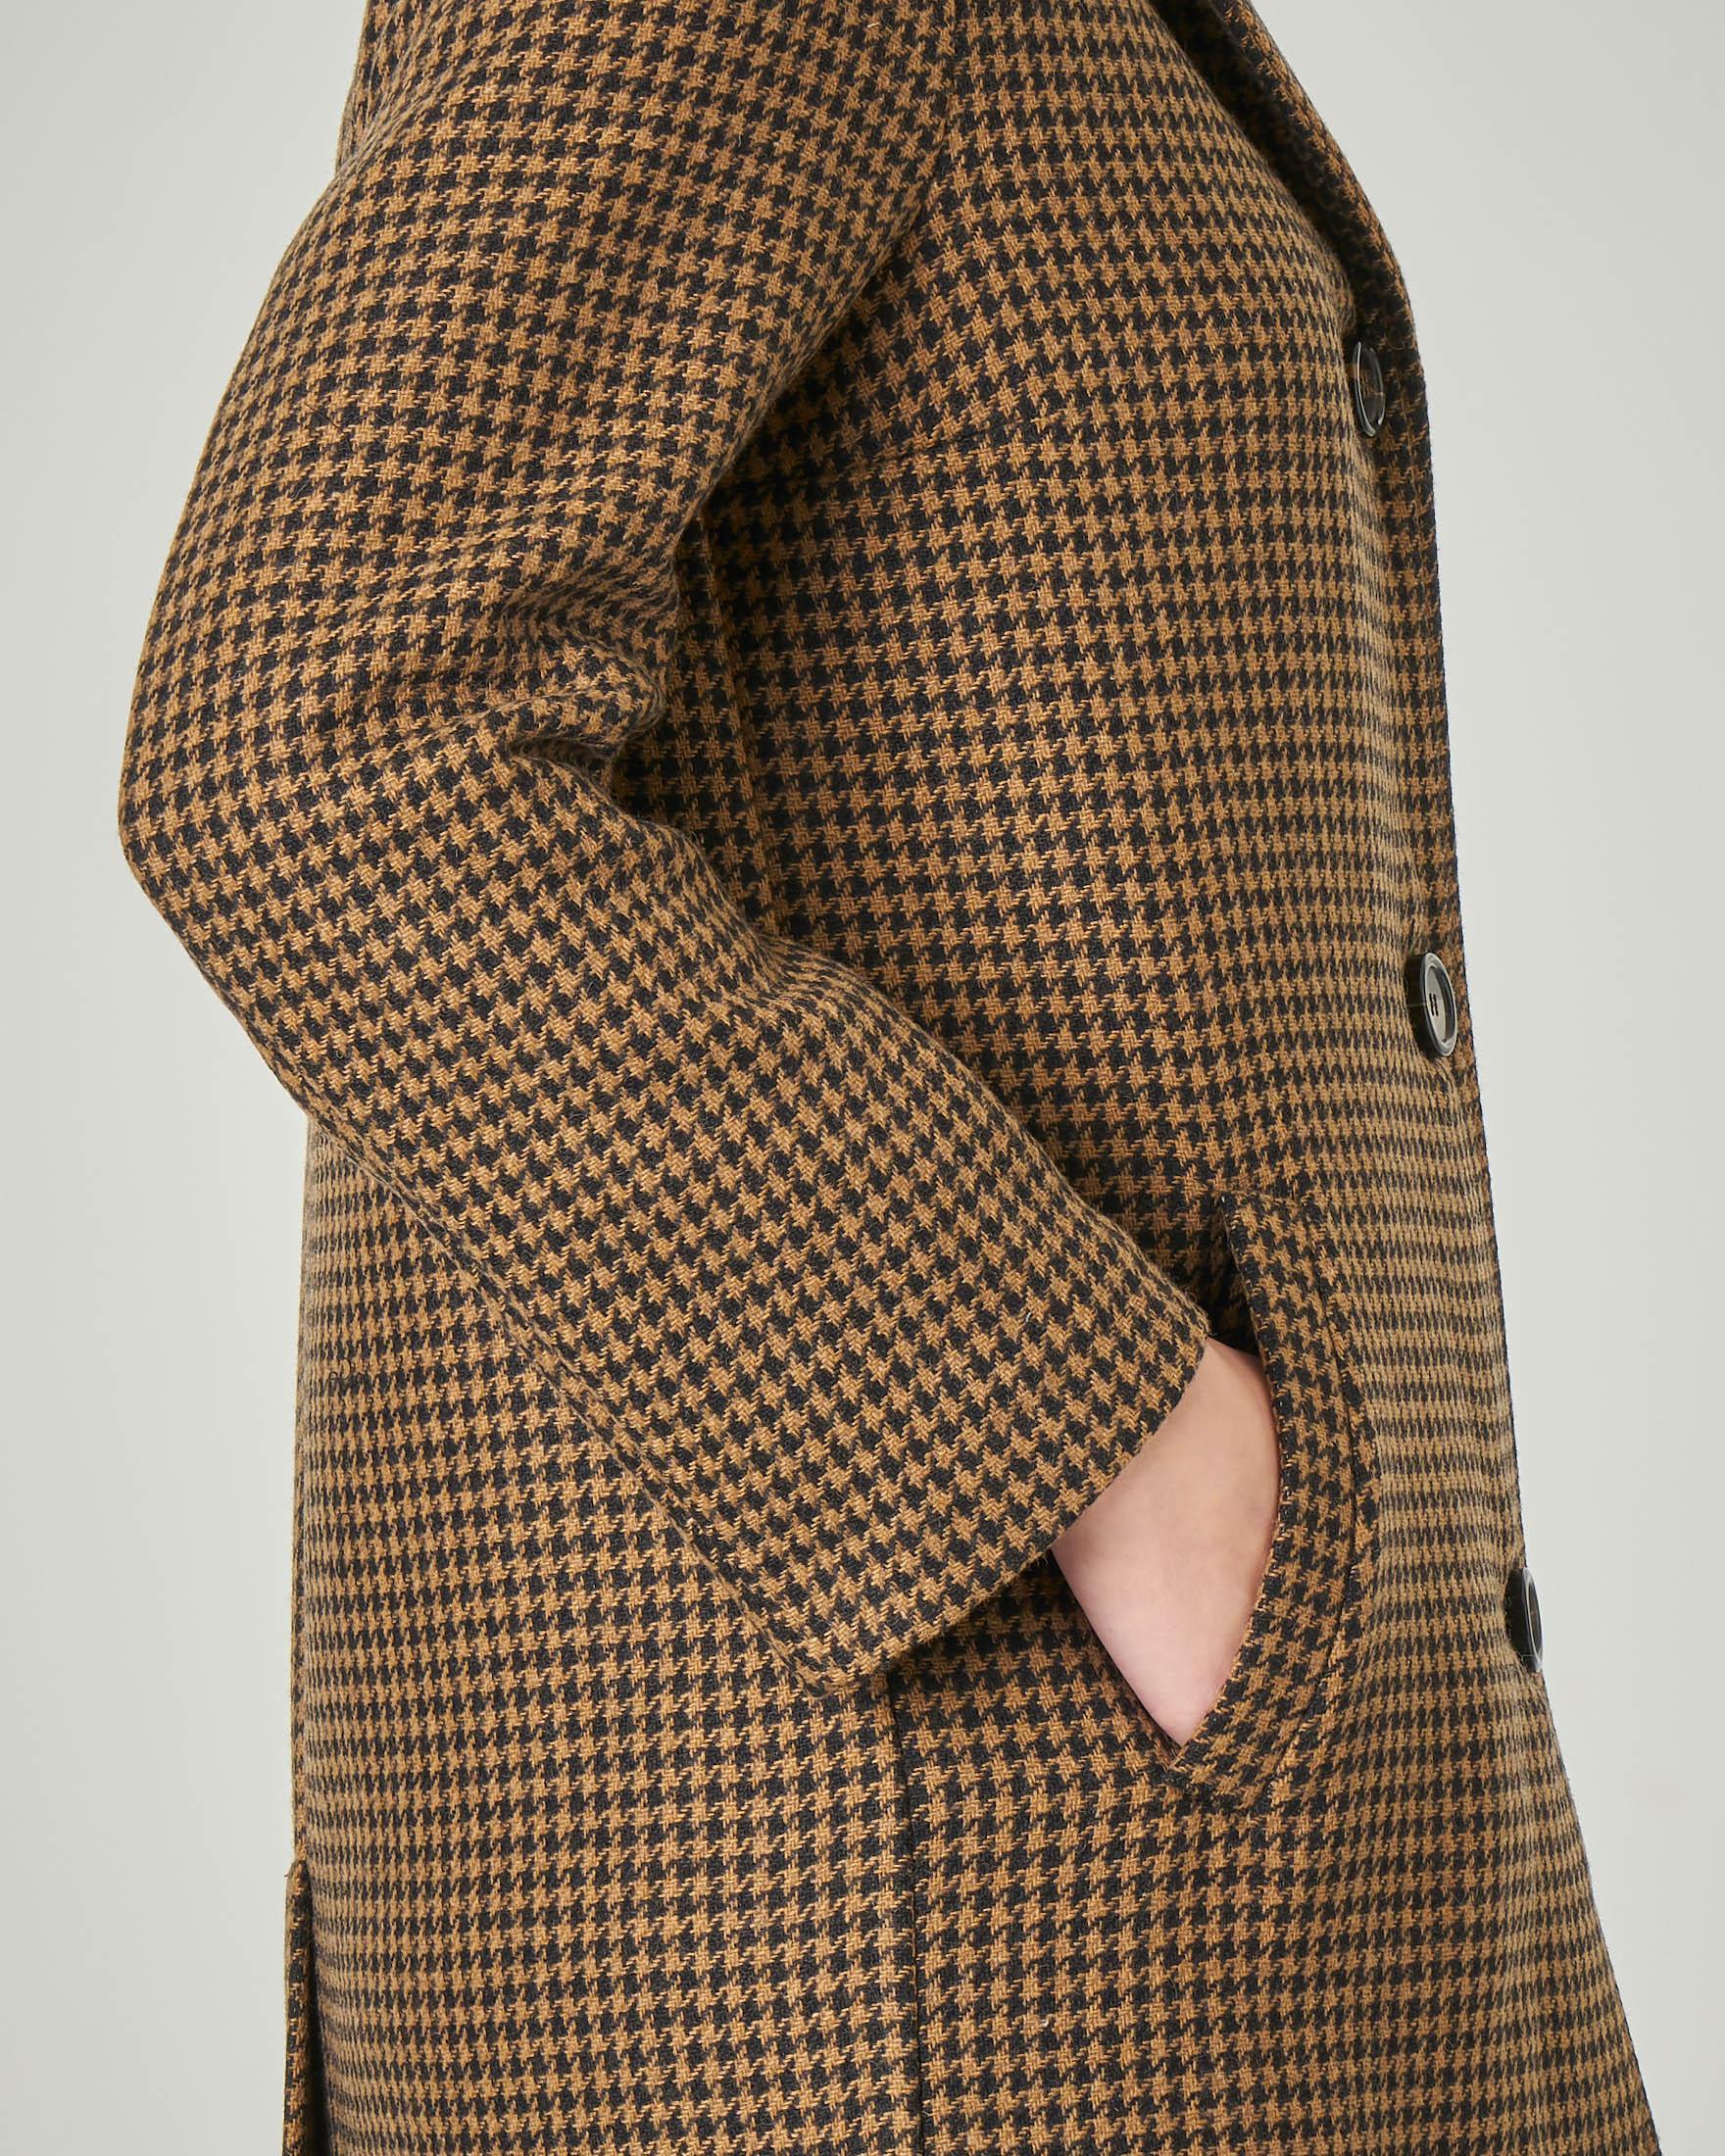 Cappottino in misto lana a fantasia pied de poule nero e cammello